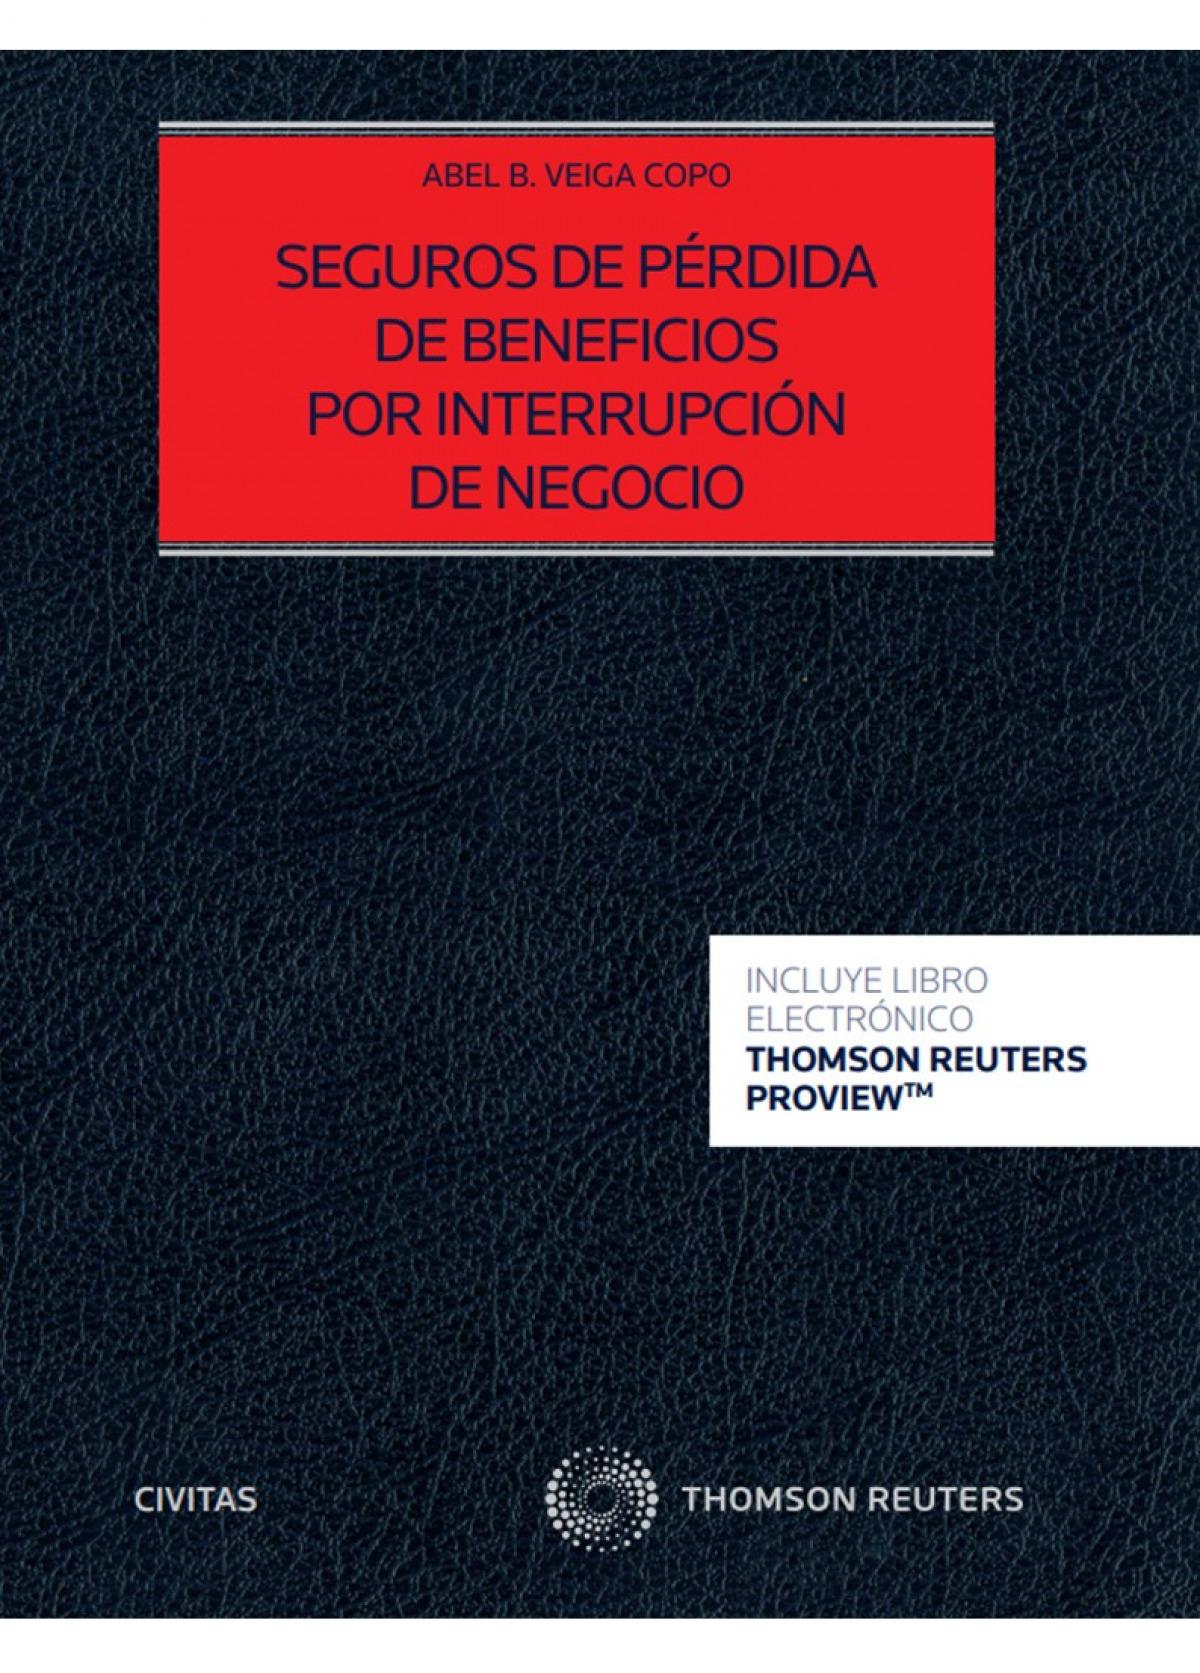 SEGUROS PERDIDA BENEFICIOS POR INTERRUPCION DE NEGOCIO DUO